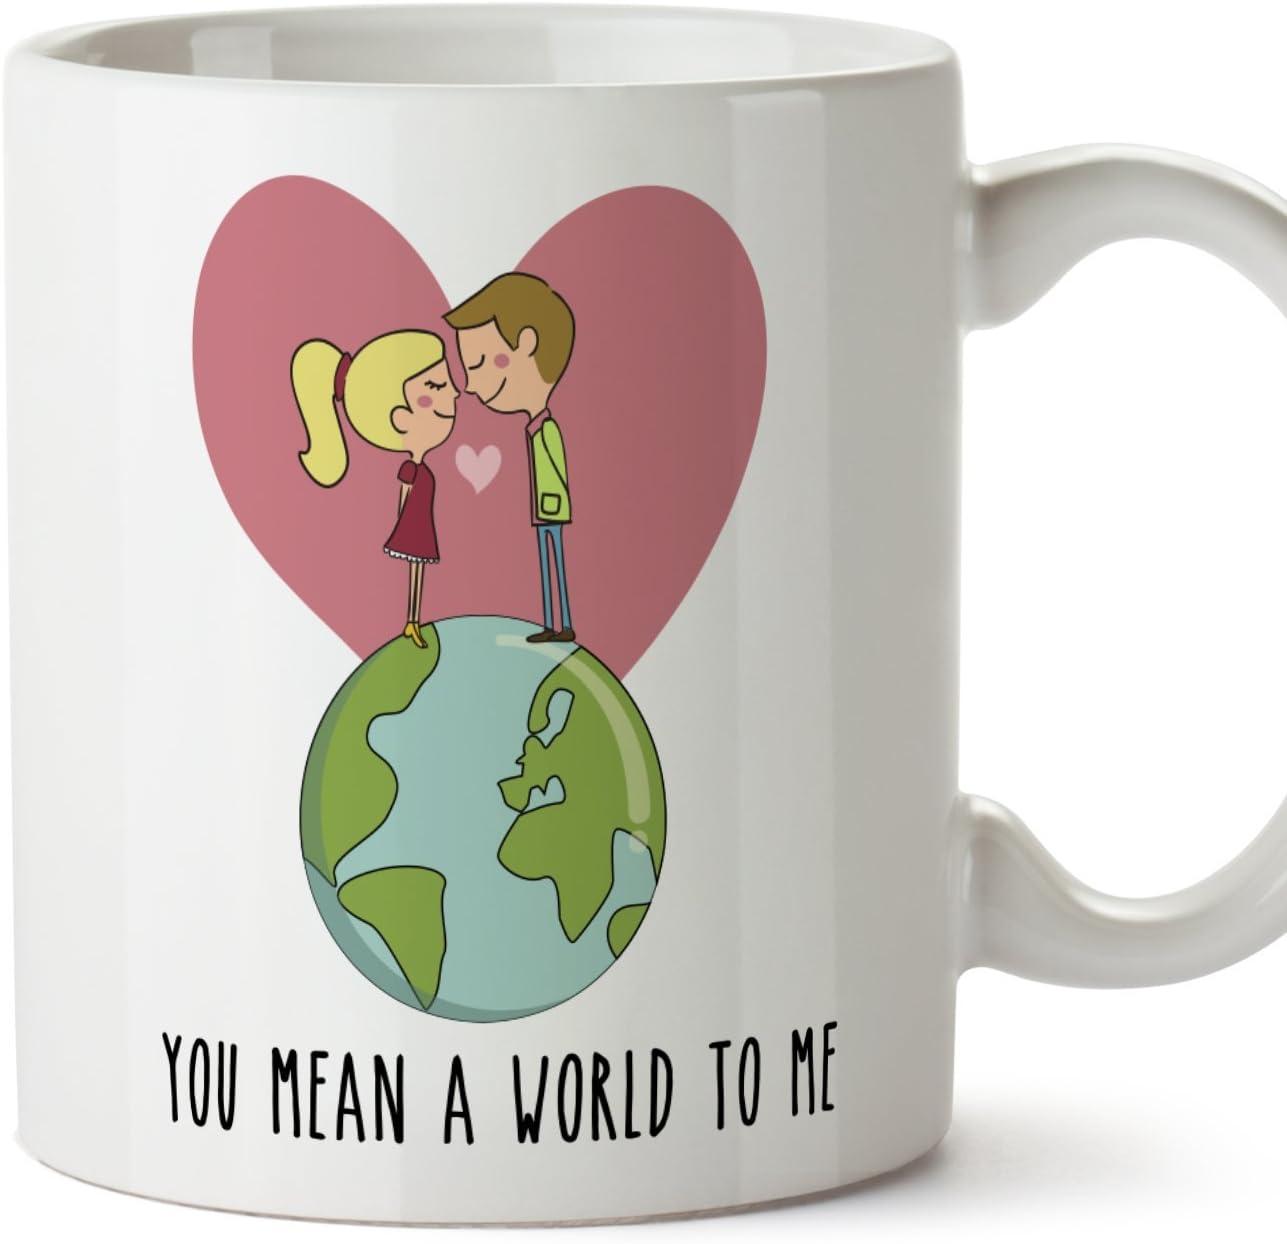 MUGFFINS Taza de café Regalo para la Pareja de Enamorados - Regalo Original de Novios y Novias San Valentín - You Mean a World to me - 350 ml - cerámica - Desayuno